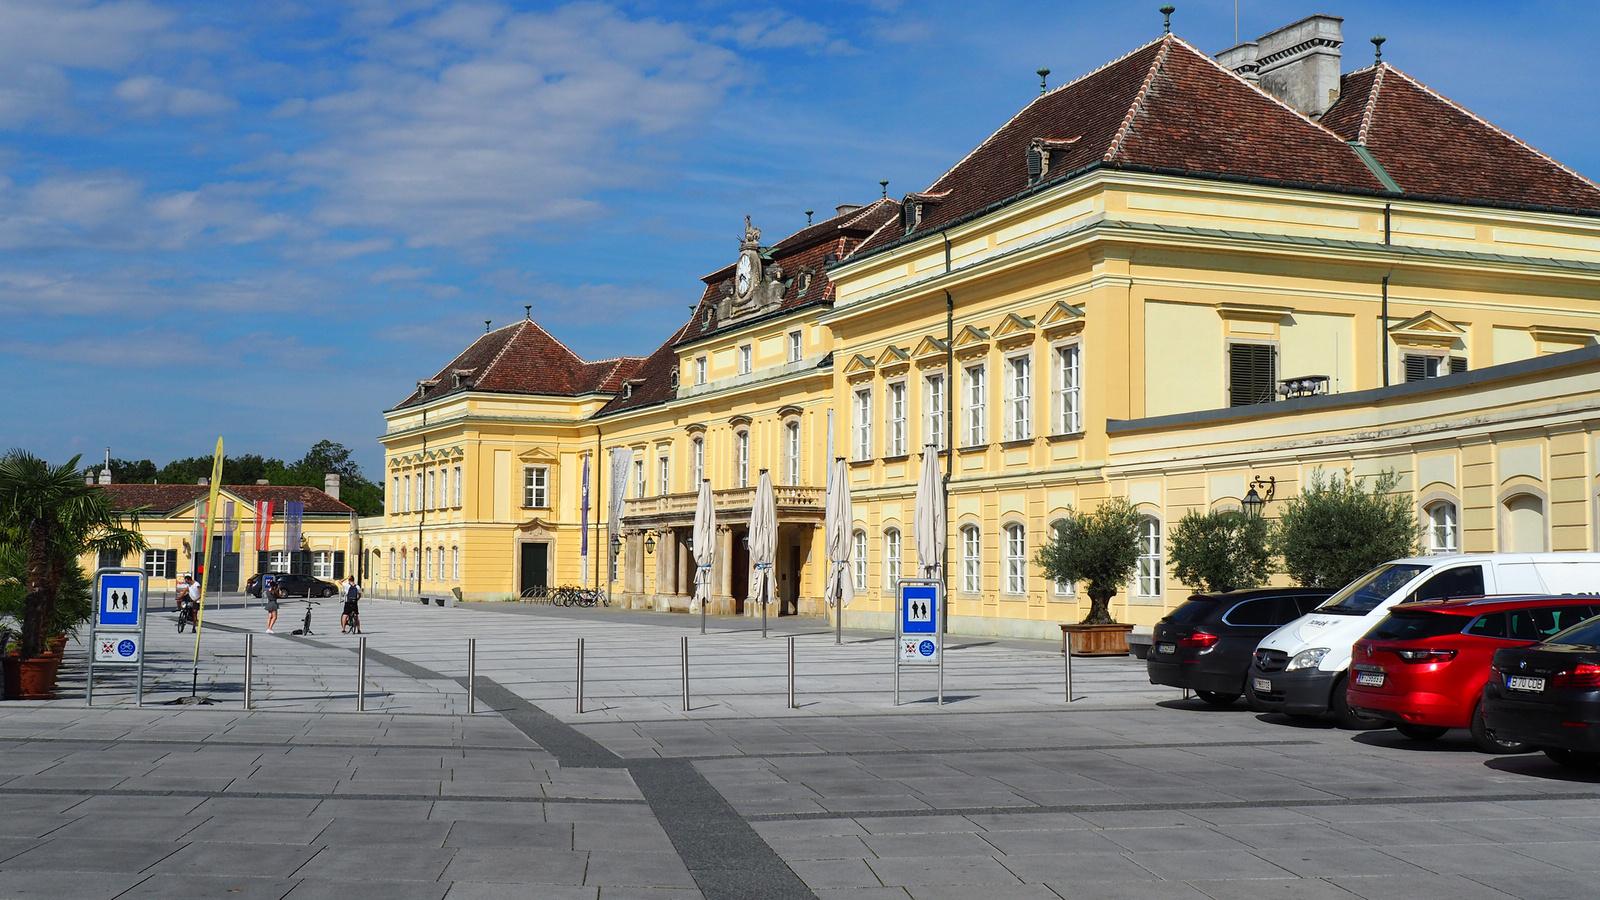 Laxenburg, Schloss Laxenburg, SzG3